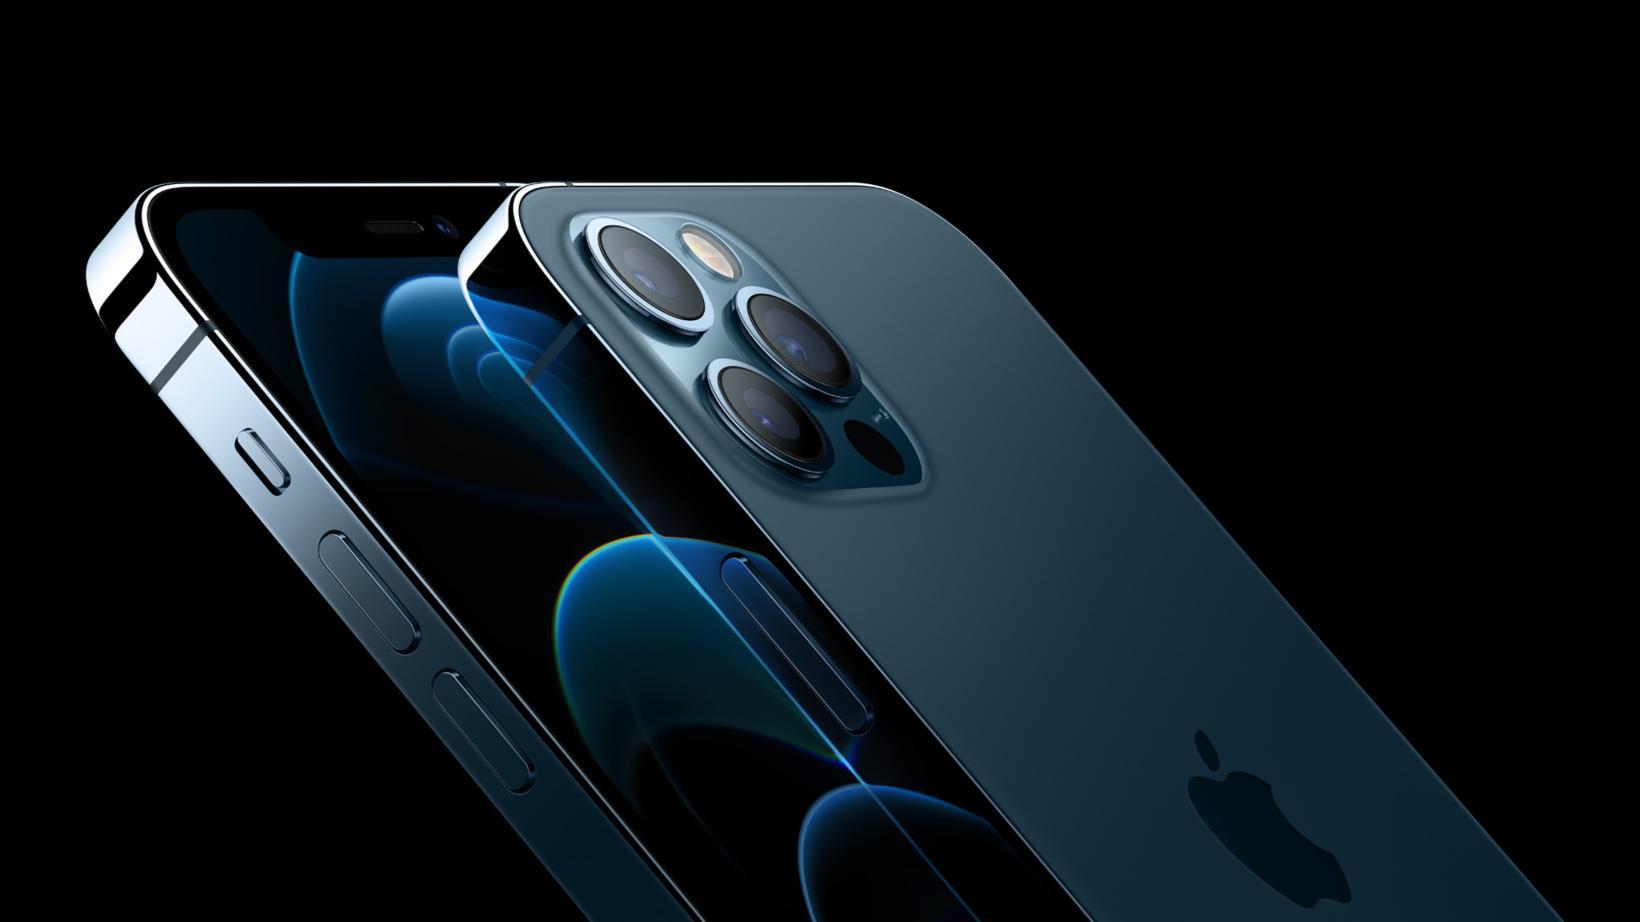 Nýi iPhone 12 fæst í ýmsum litum, þar á meðal …